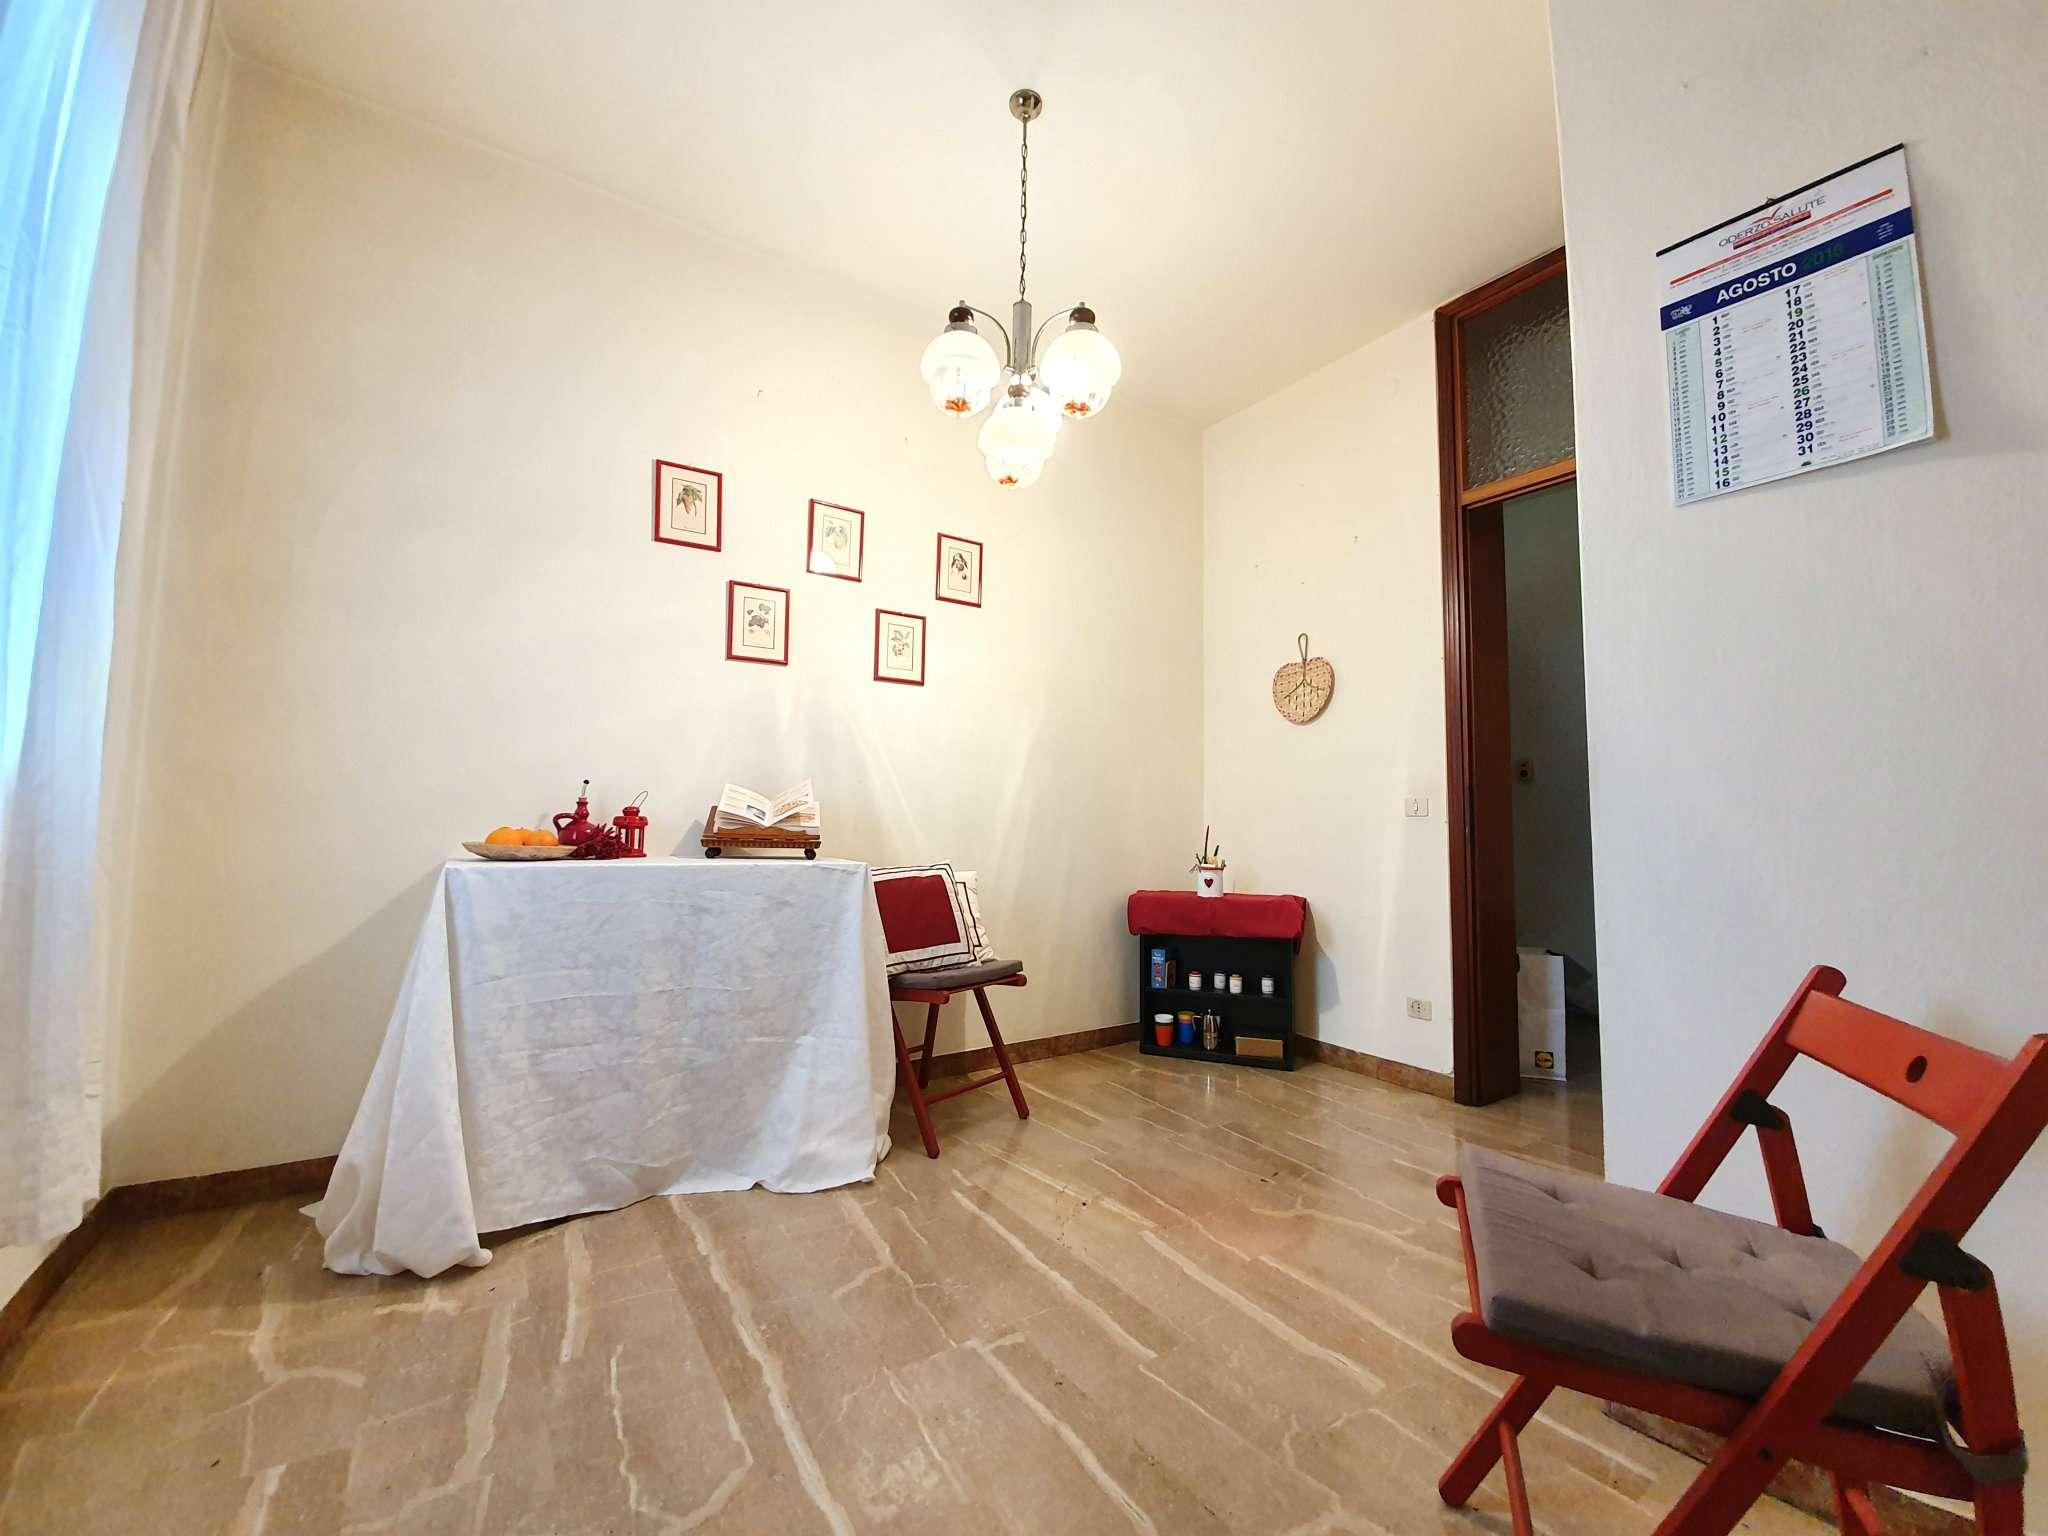 Appartamento in vendita a Oderzo, 2 locali, prezzo € 68.000 | CambioCasa.it